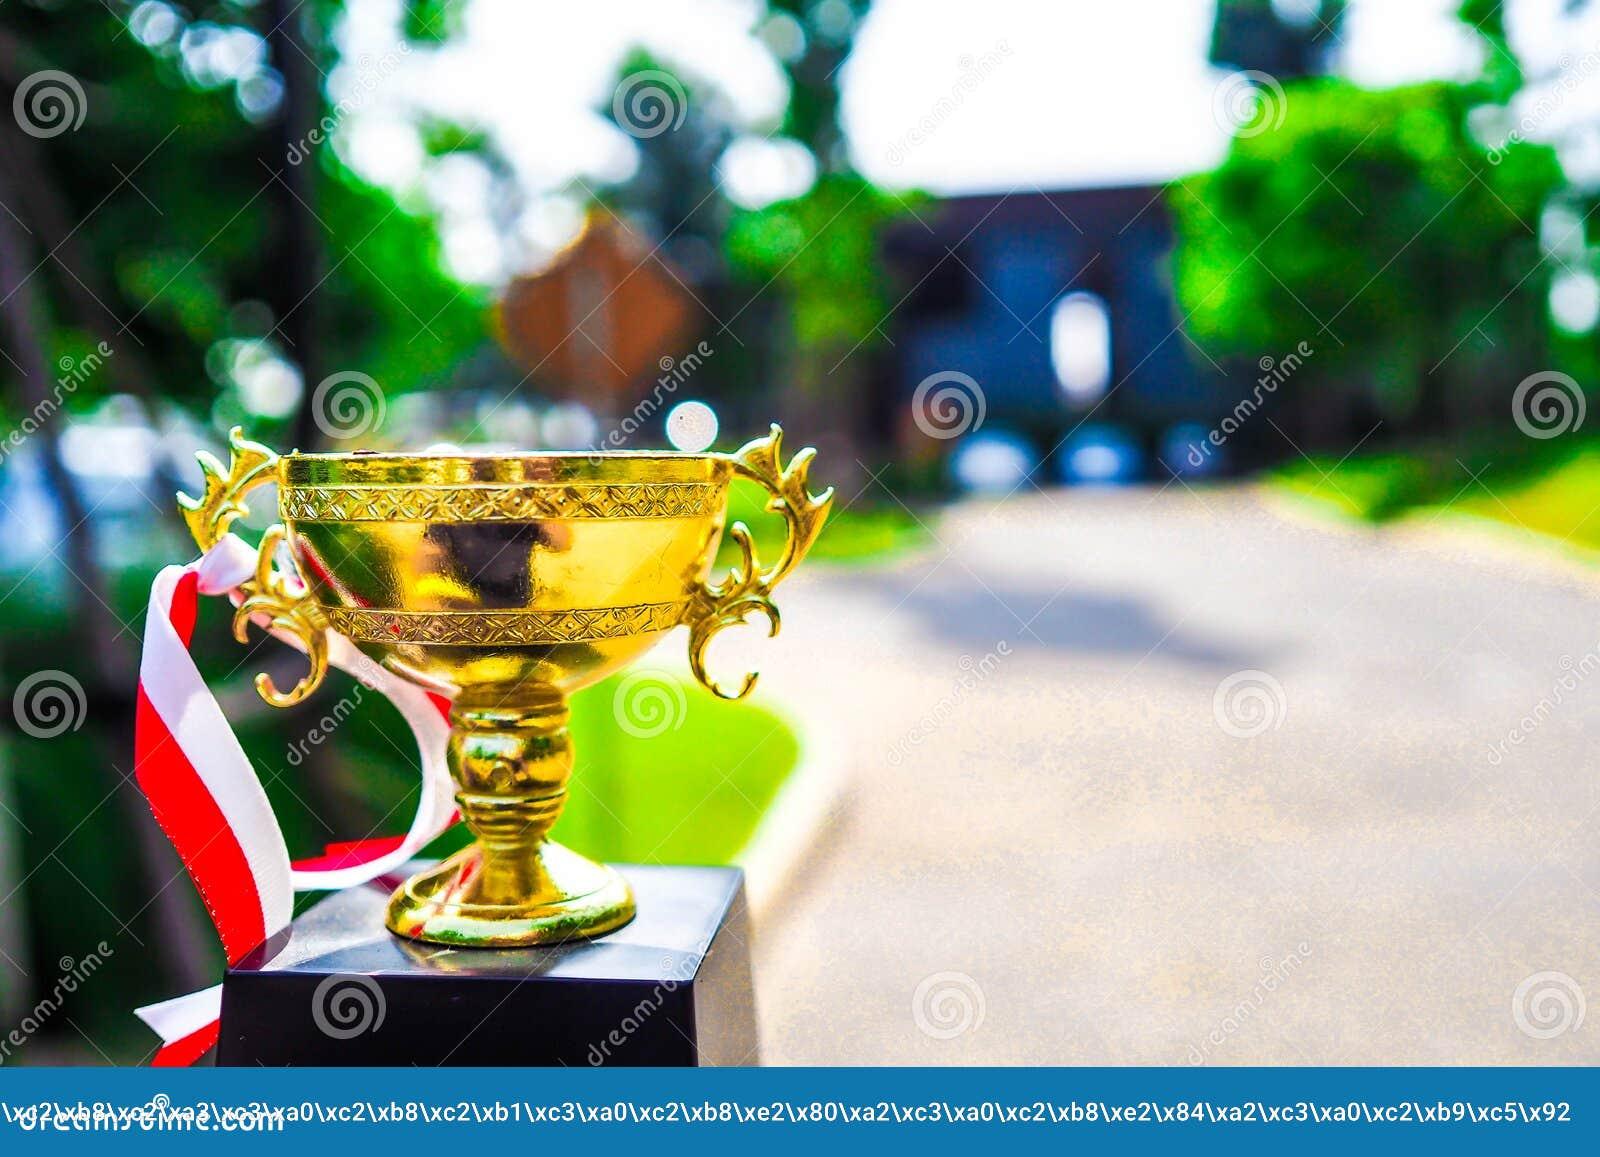 Sostenga il trofeo dorato disposto sulla strada con la copia verde del fondo